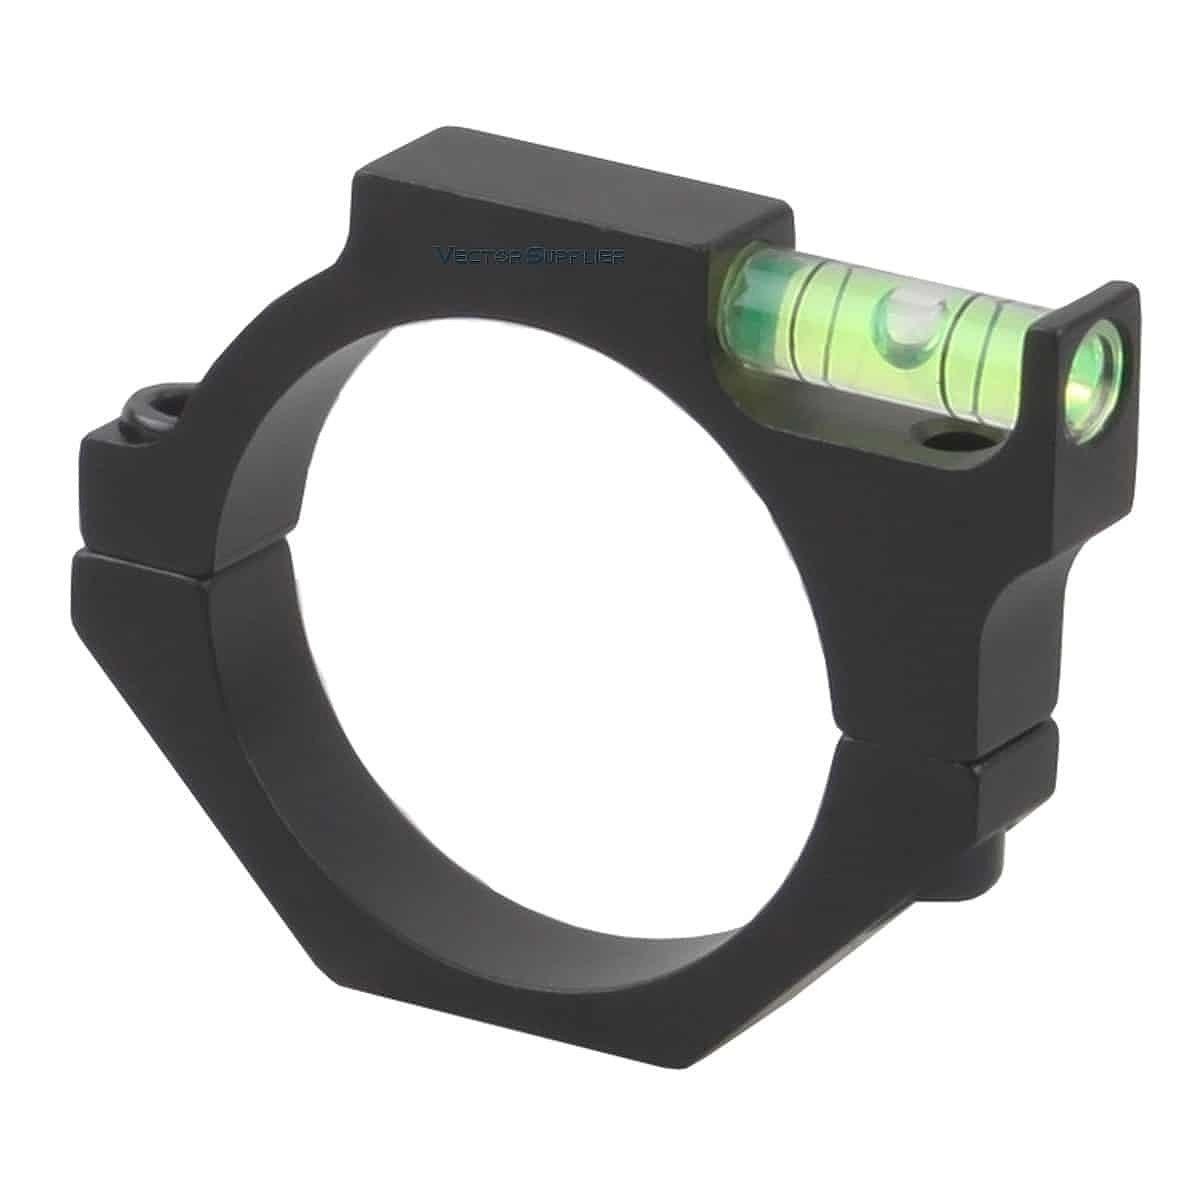 ベクターオプティクス 水平器 34mm Offset Bubble  Vector Optics SCACD-15